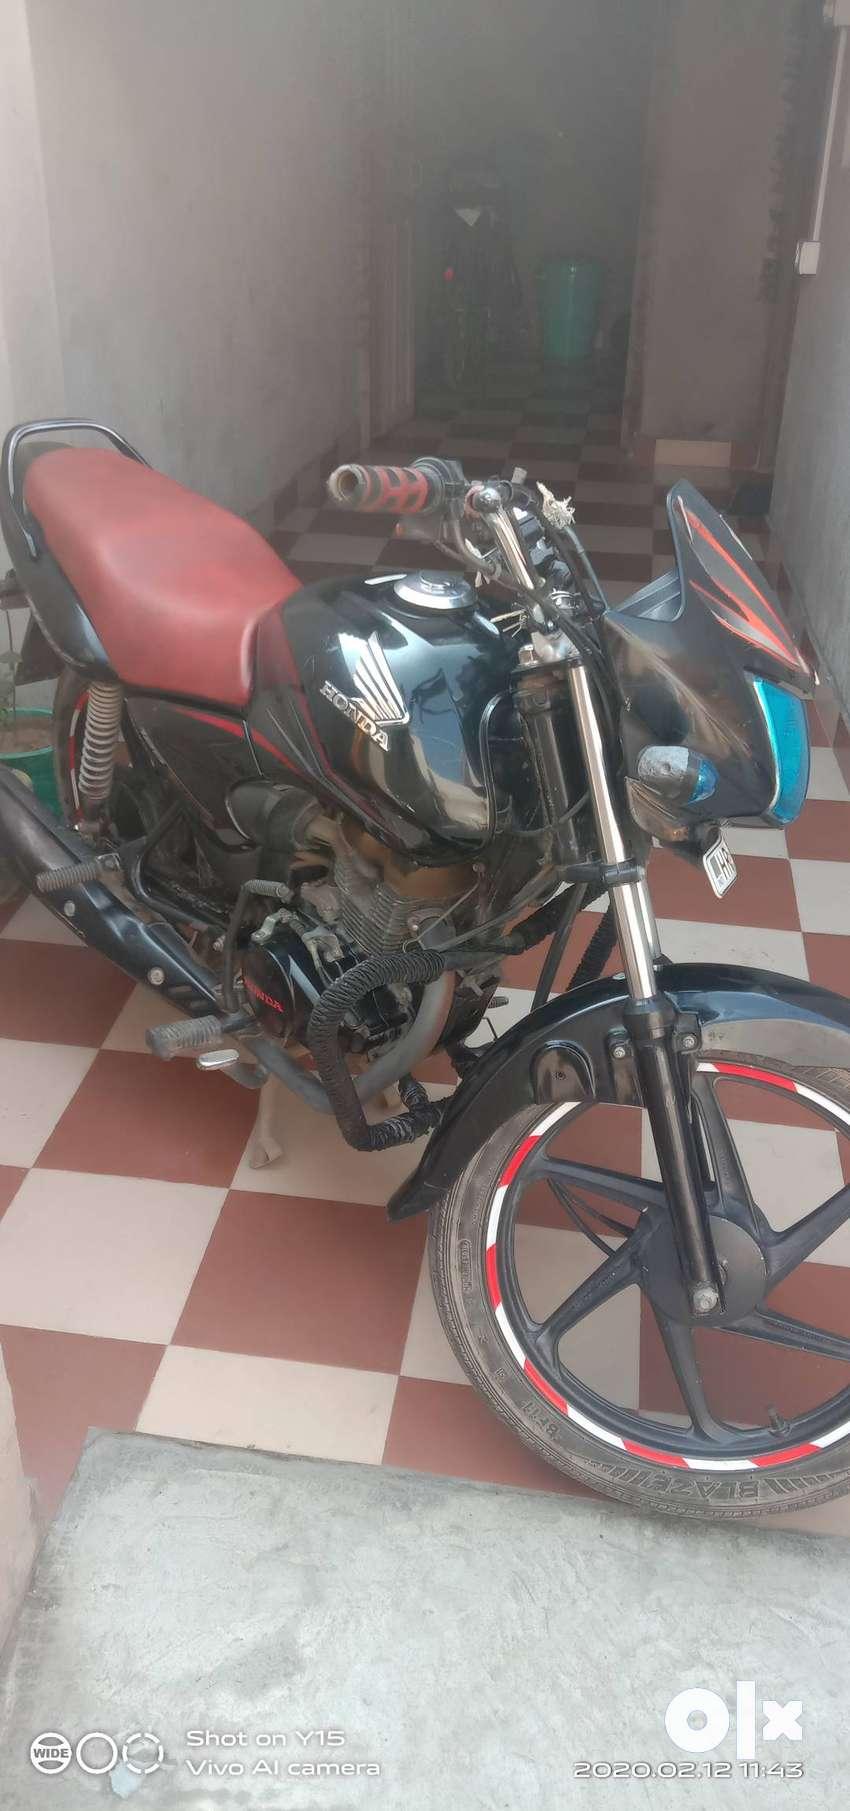 Bike ki good condition h Bhai.. engine bhi  Naya karvaya h iska .. 0